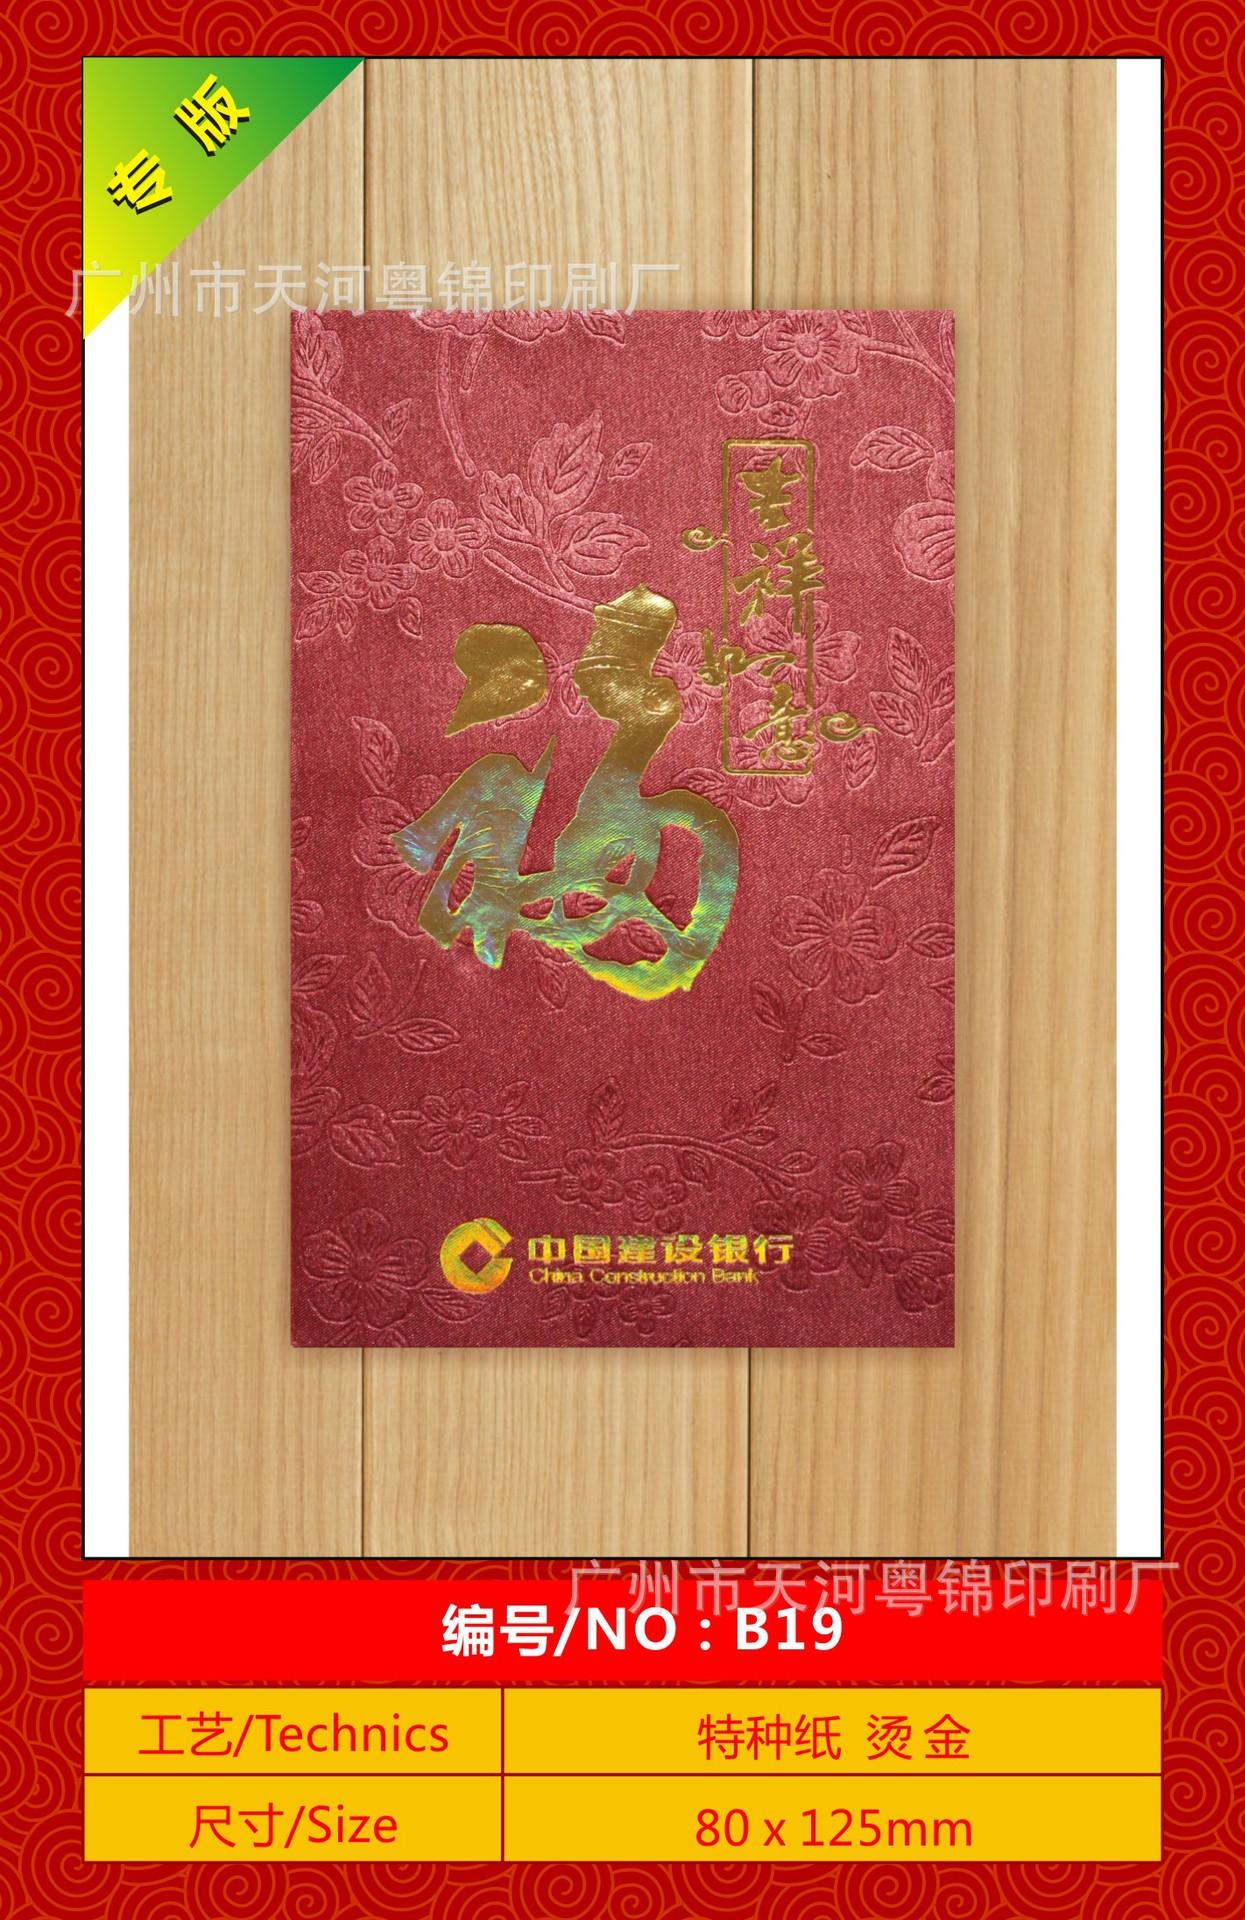 【小号】专版红包利是封样板图片NO:B19